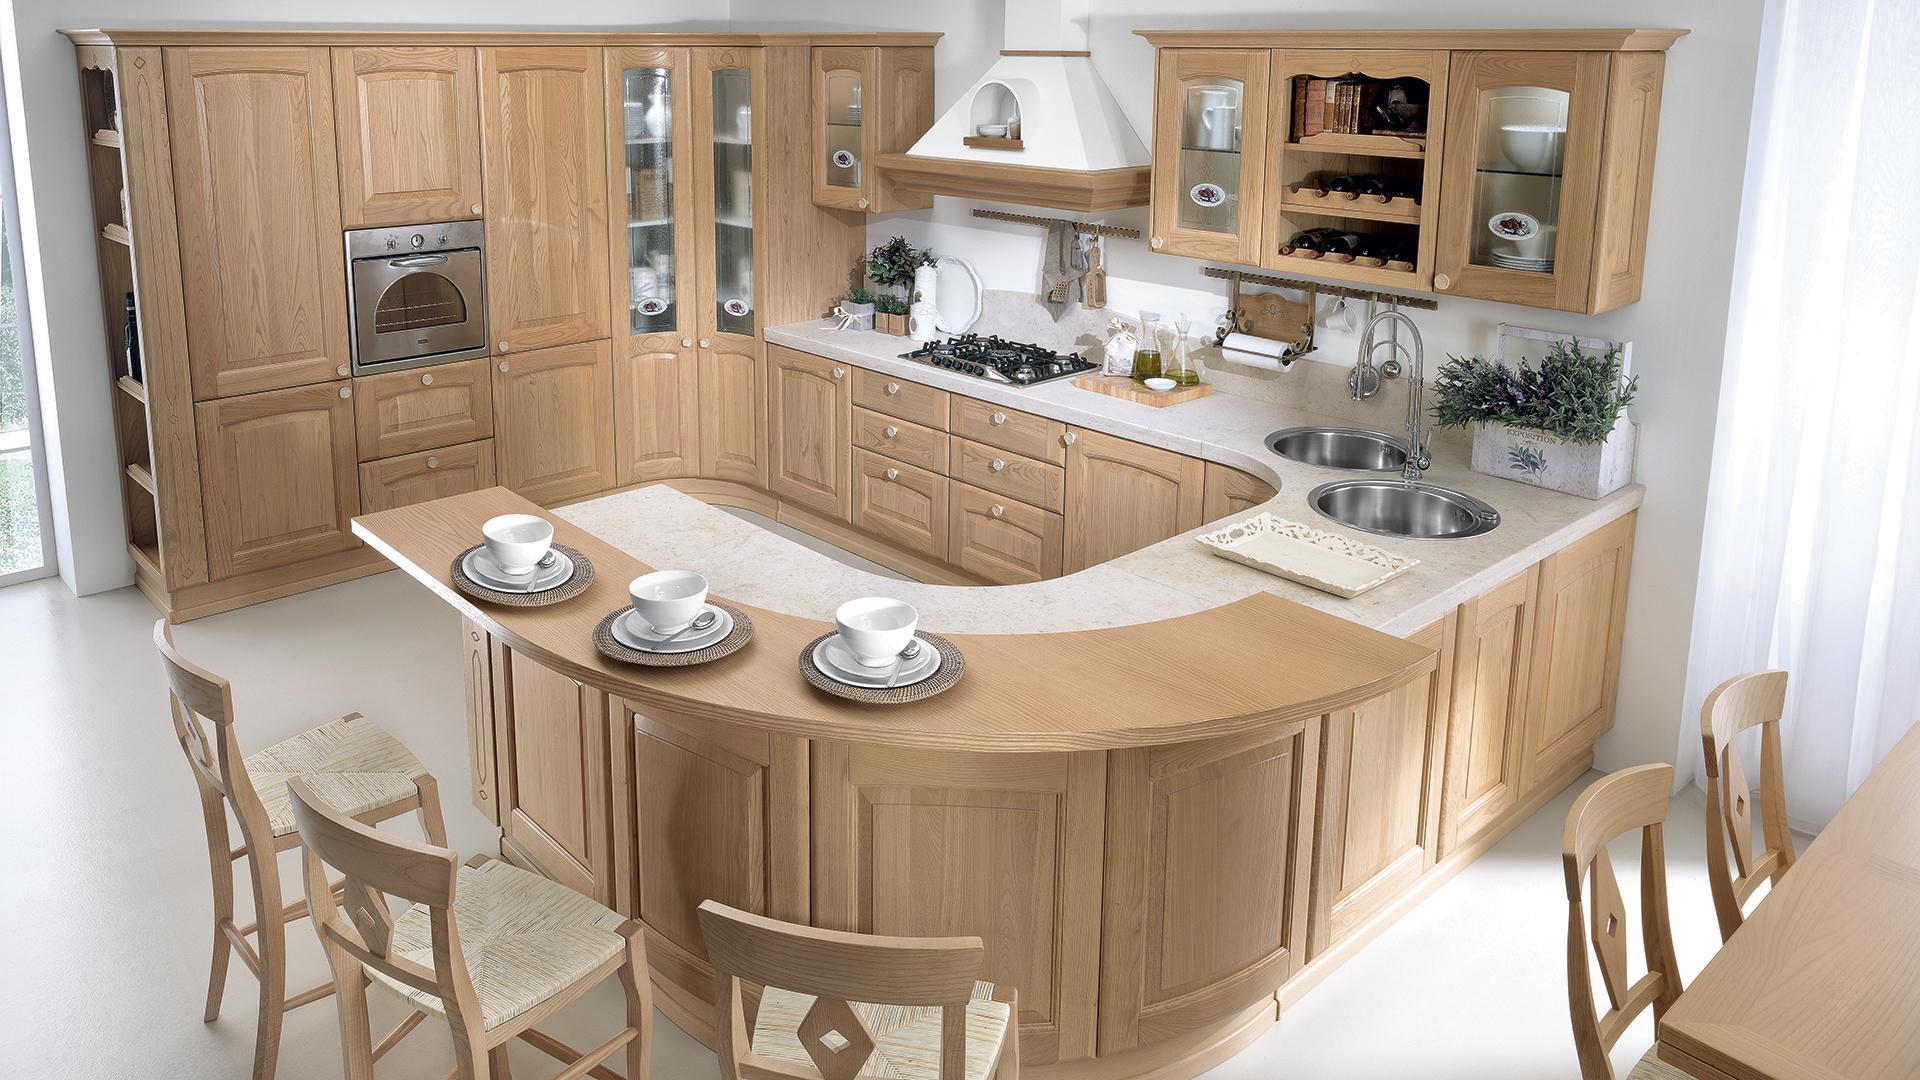 Plafoniere A Soffitto Per Cucina : Plafoniera cucina interno di casa smepool